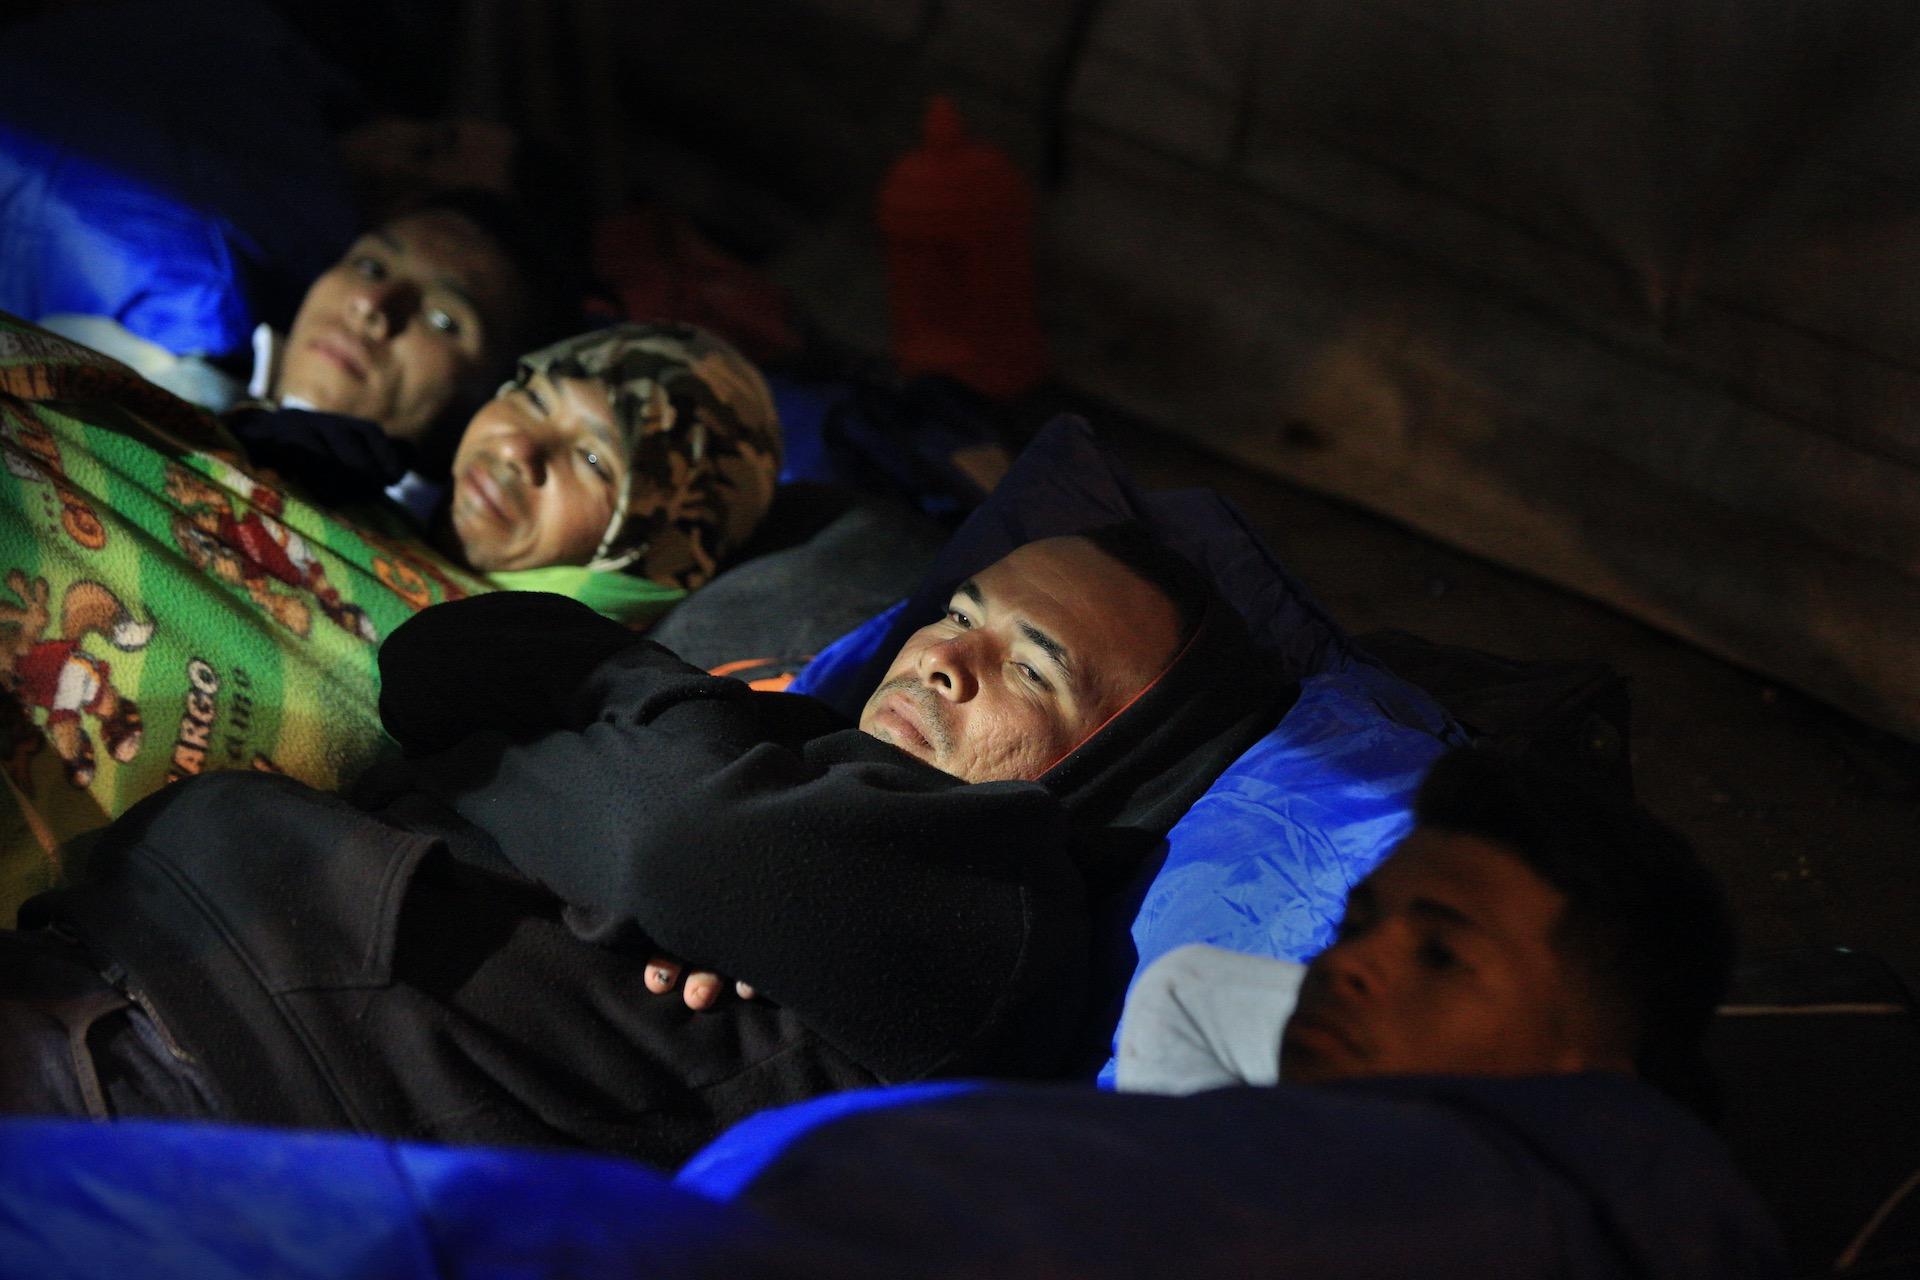 In Rumichaca, de grensovergang tussen Ecuador en Colombia, steken dagelijks honderden mensen de grens over, vaak net gevlucht uit Venezuela en heel Colombia doorgereisd. Met de bus, liftend of te voet. Sommigen hebben niets meer dan een tasje met wat kleding bij zich. Veel worden onderweg beroofd van hun bezittingen. Het Rode Kruis heeft hulpposten bij de grensovergang voor de mensen die totaal uitgeput zijn. De hulporganisatie zorgt hier voor schoon drinkwater, deelt toiletartikelen uit, verleent eerste hulp en helpt bij contactherstel met achtergebleven familie.